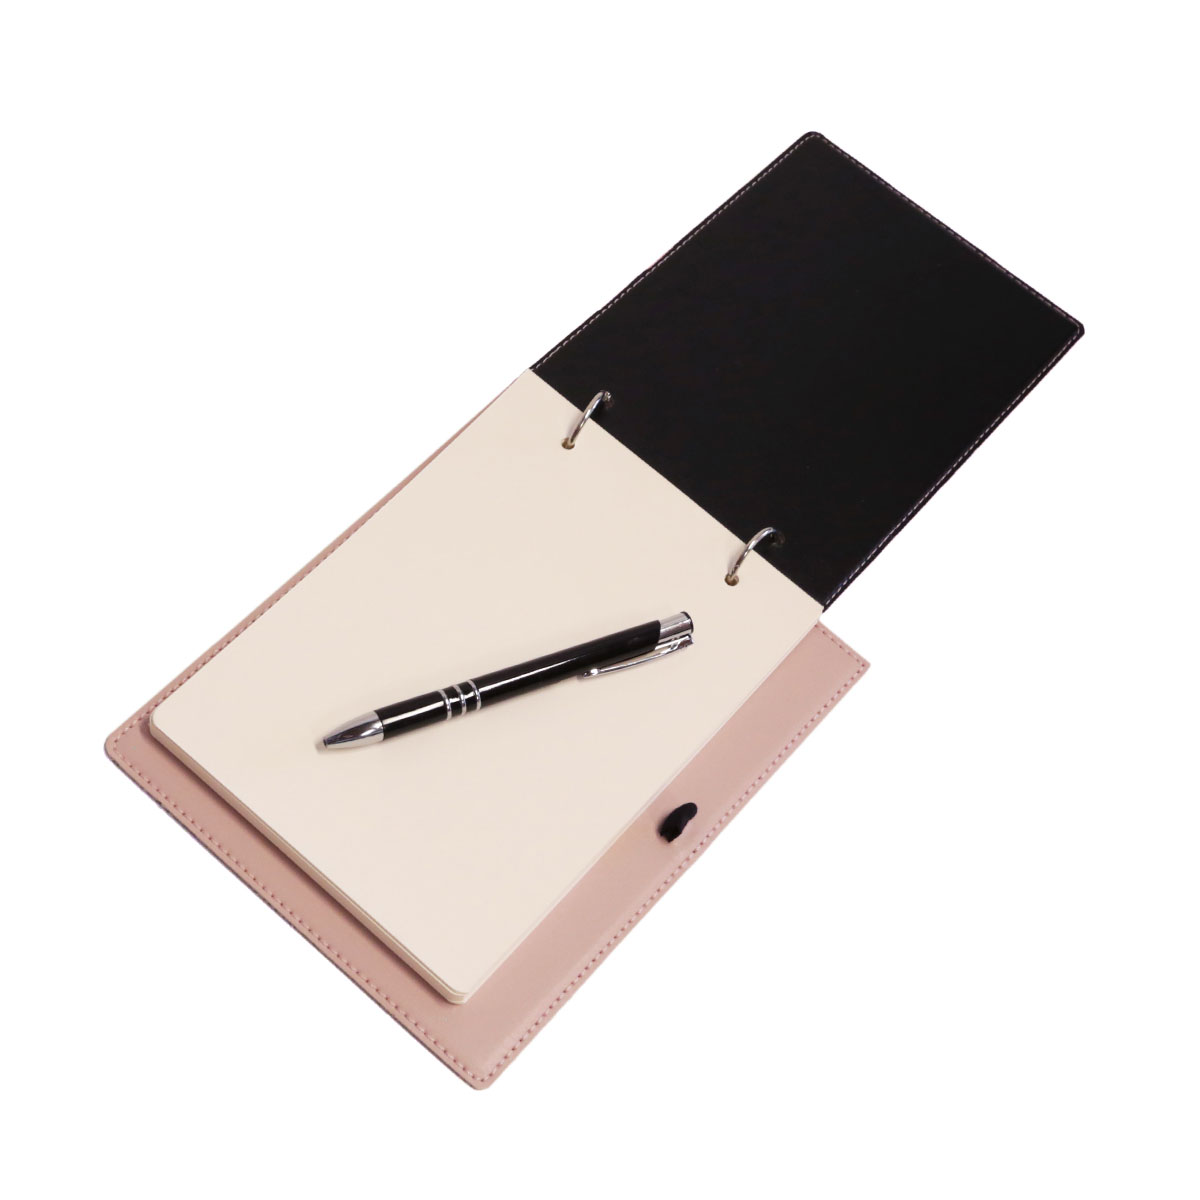 Bloco argola com caneta (Montana Rosé)